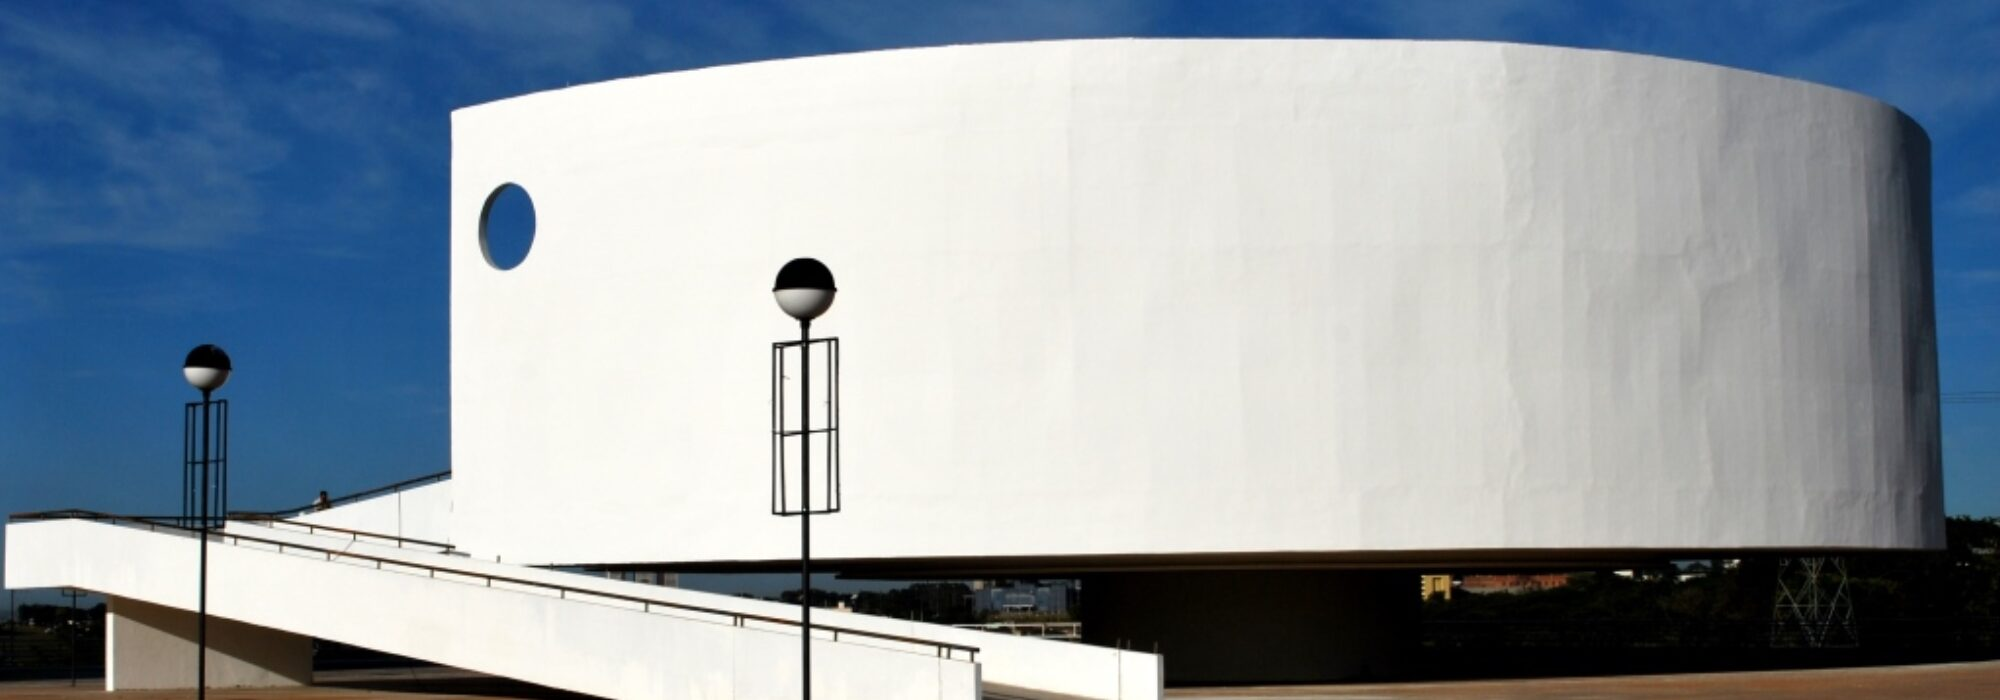 Imagem: Museu de Arte Contemporânea (Foto: Marina Sousa)